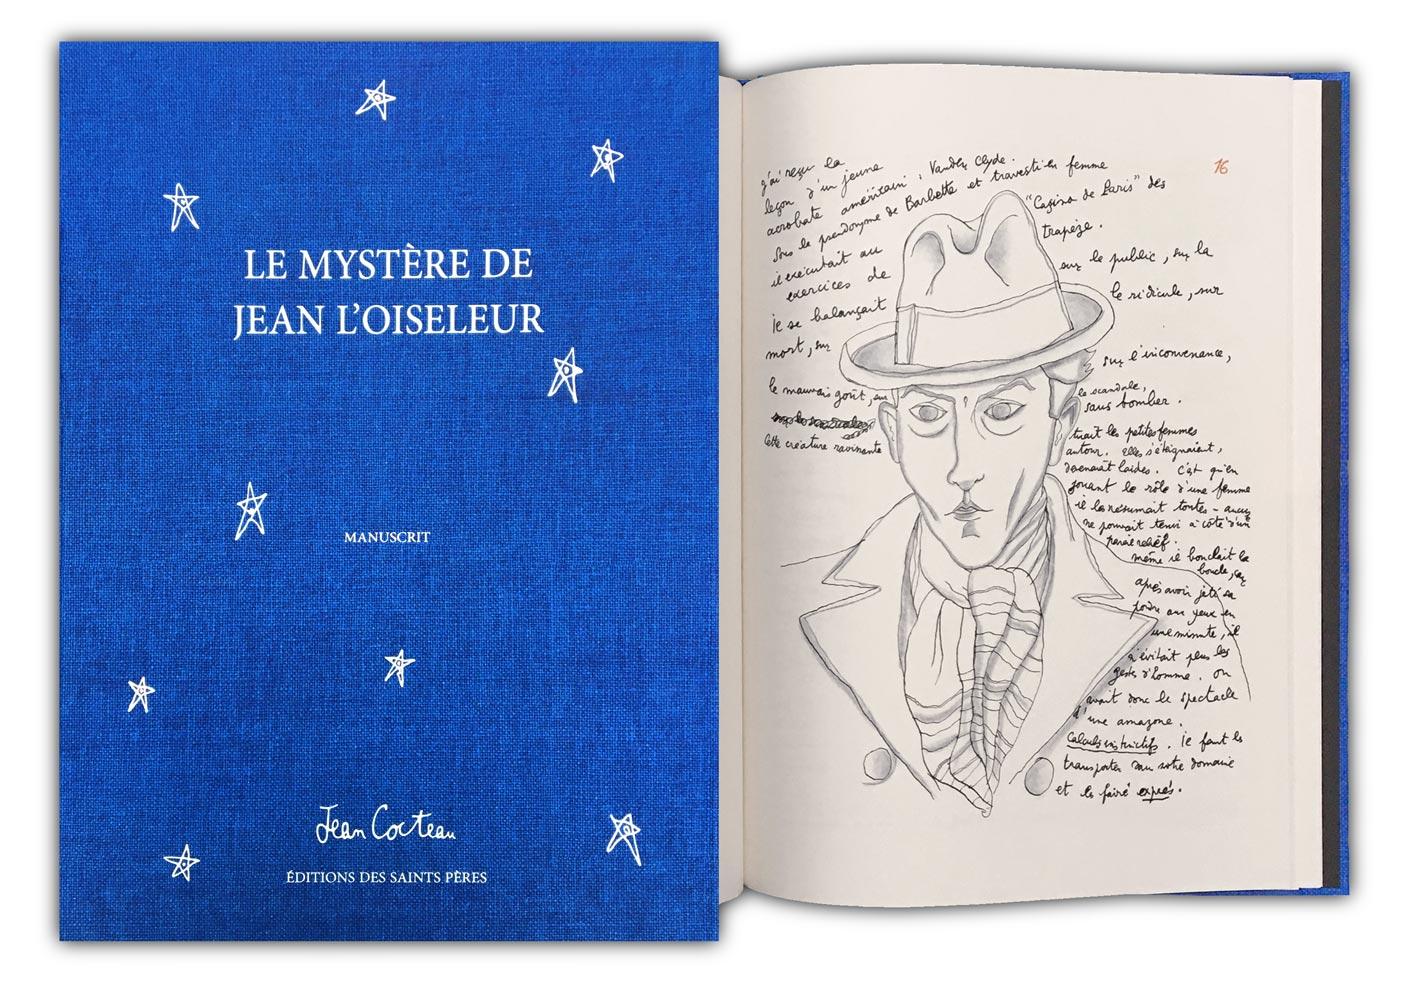 le coffret du manuscrit du Mystère de Jean L'oiseleur de Jean Cocteau